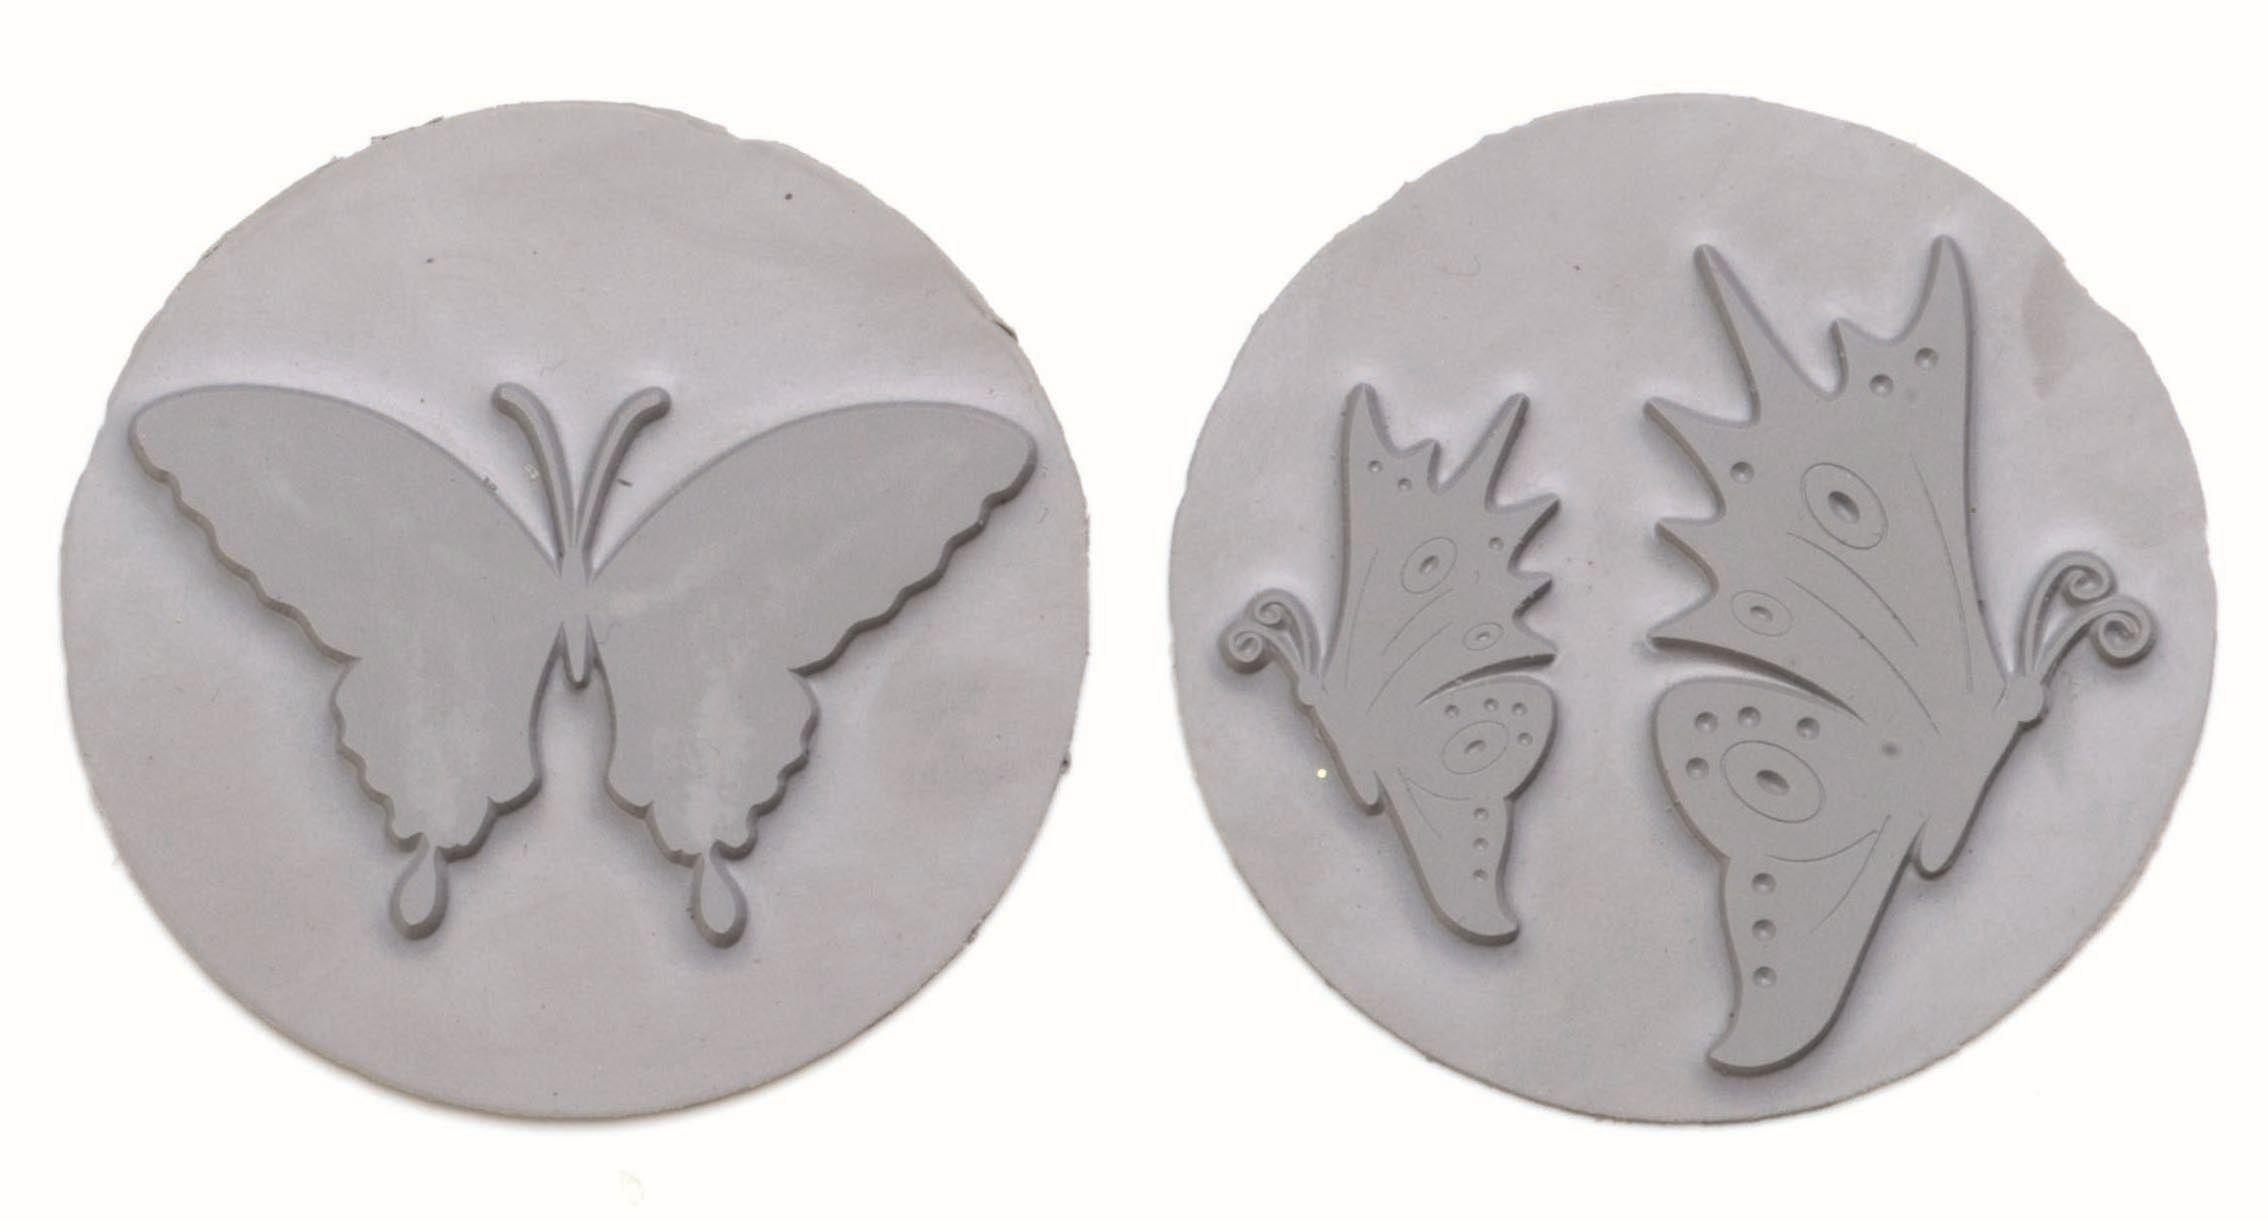 61600438 Вкладыш в круглую форму для мыловарения,бабочки,2шт. Glorex